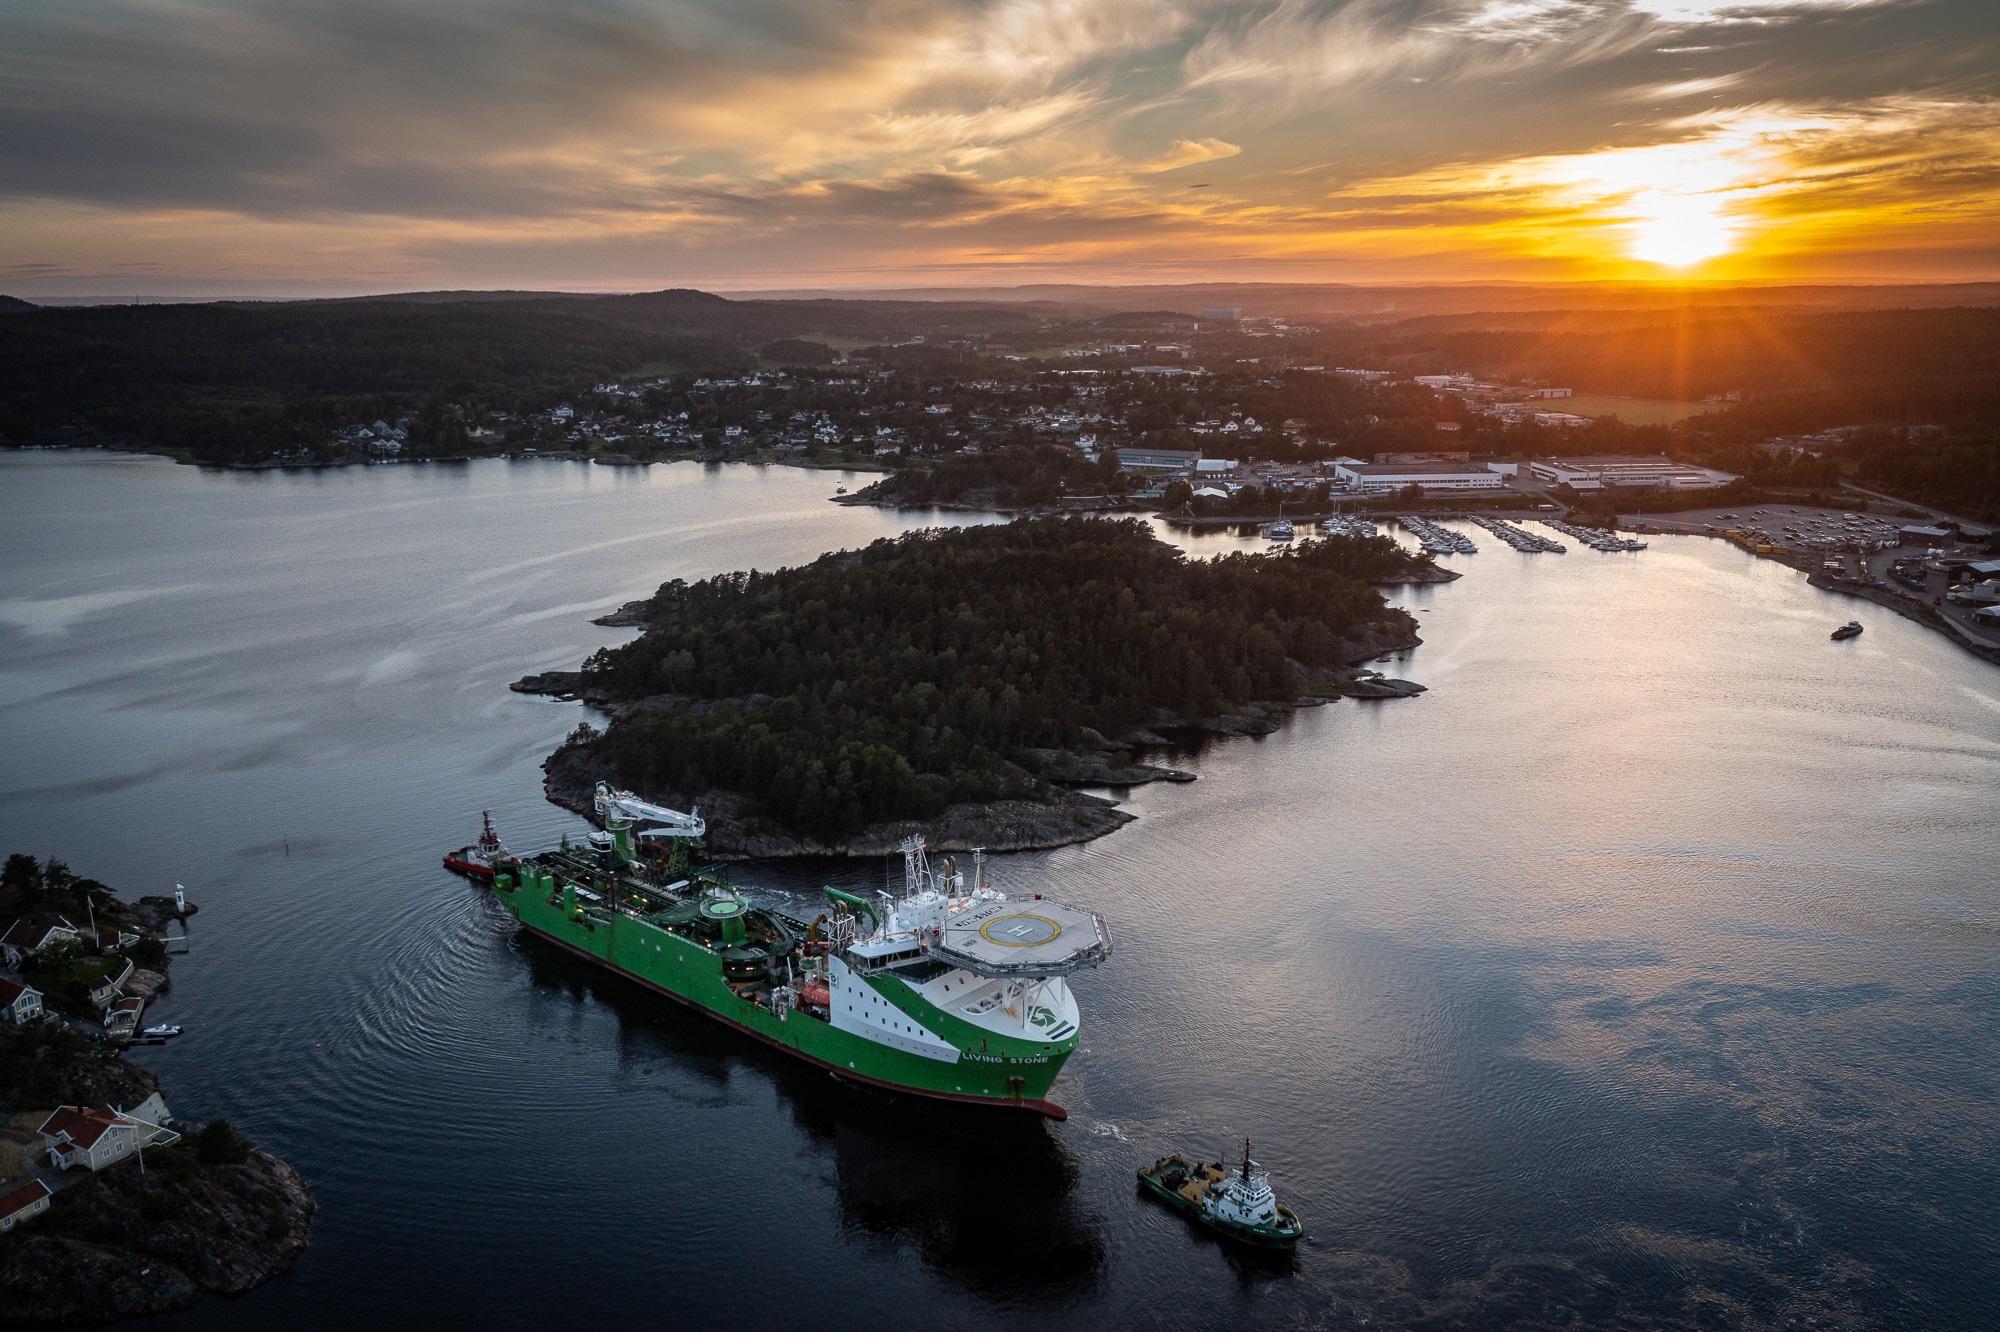 DEME Offshore installeert met succes DolWin6 HVDC-kabel met 'Living Stone' aangedreven door LNG